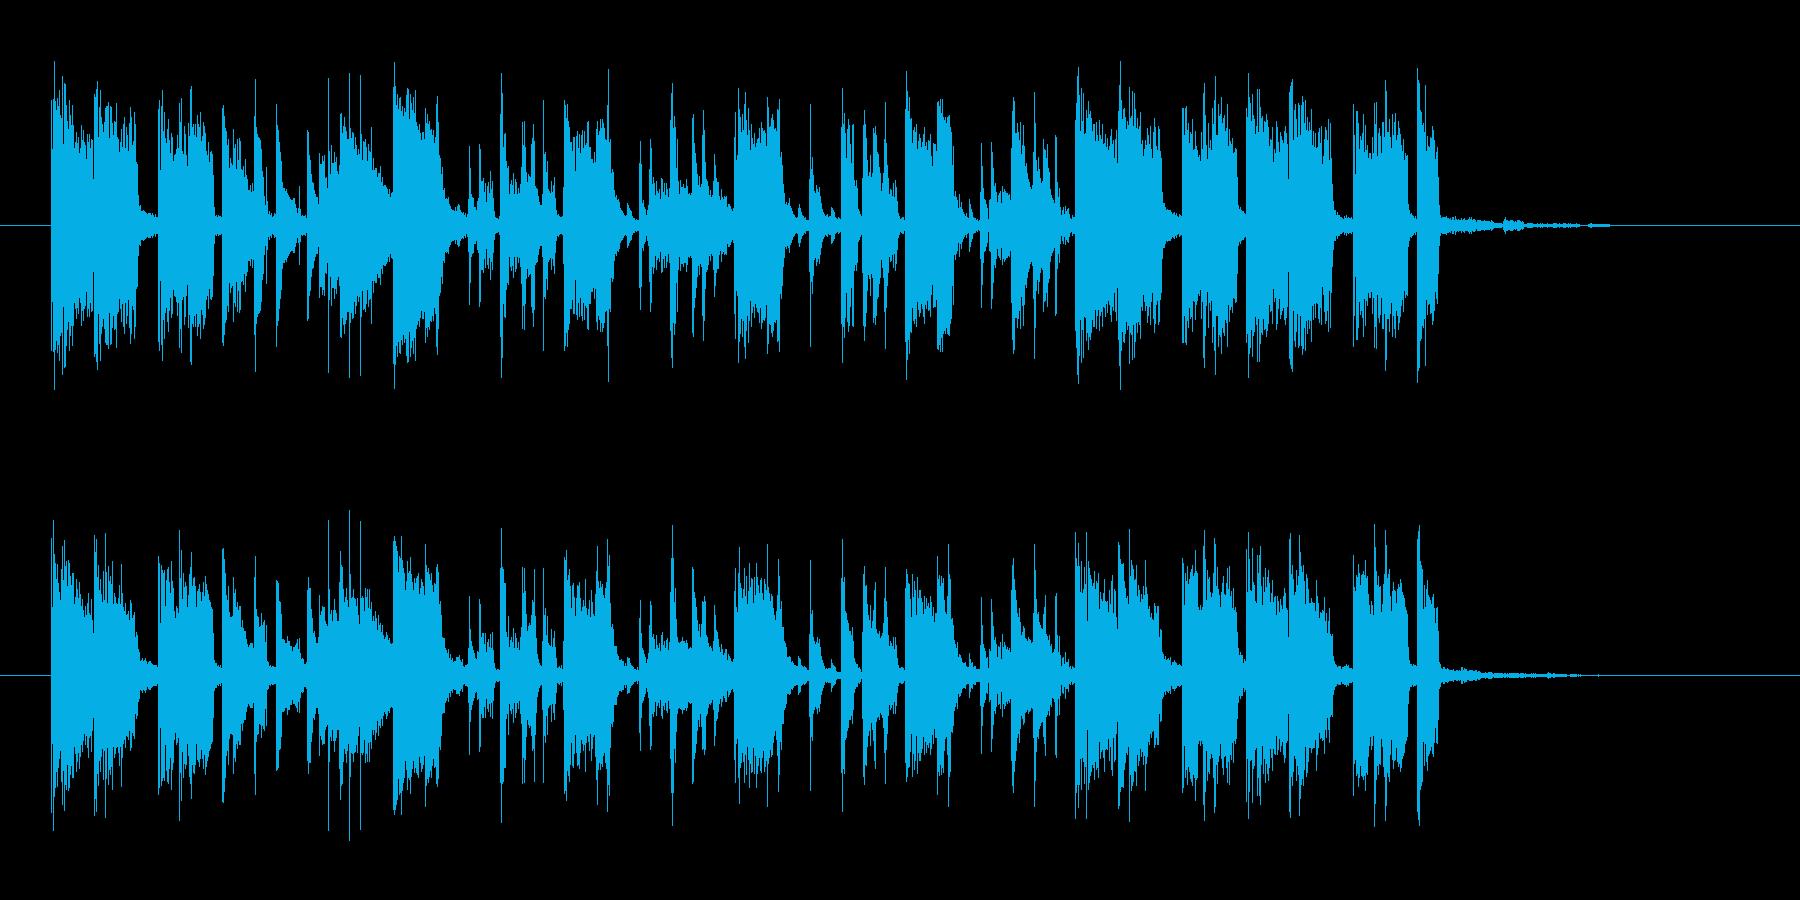 明るく勢いのあるドラムギターサウンドの再生済みの波形